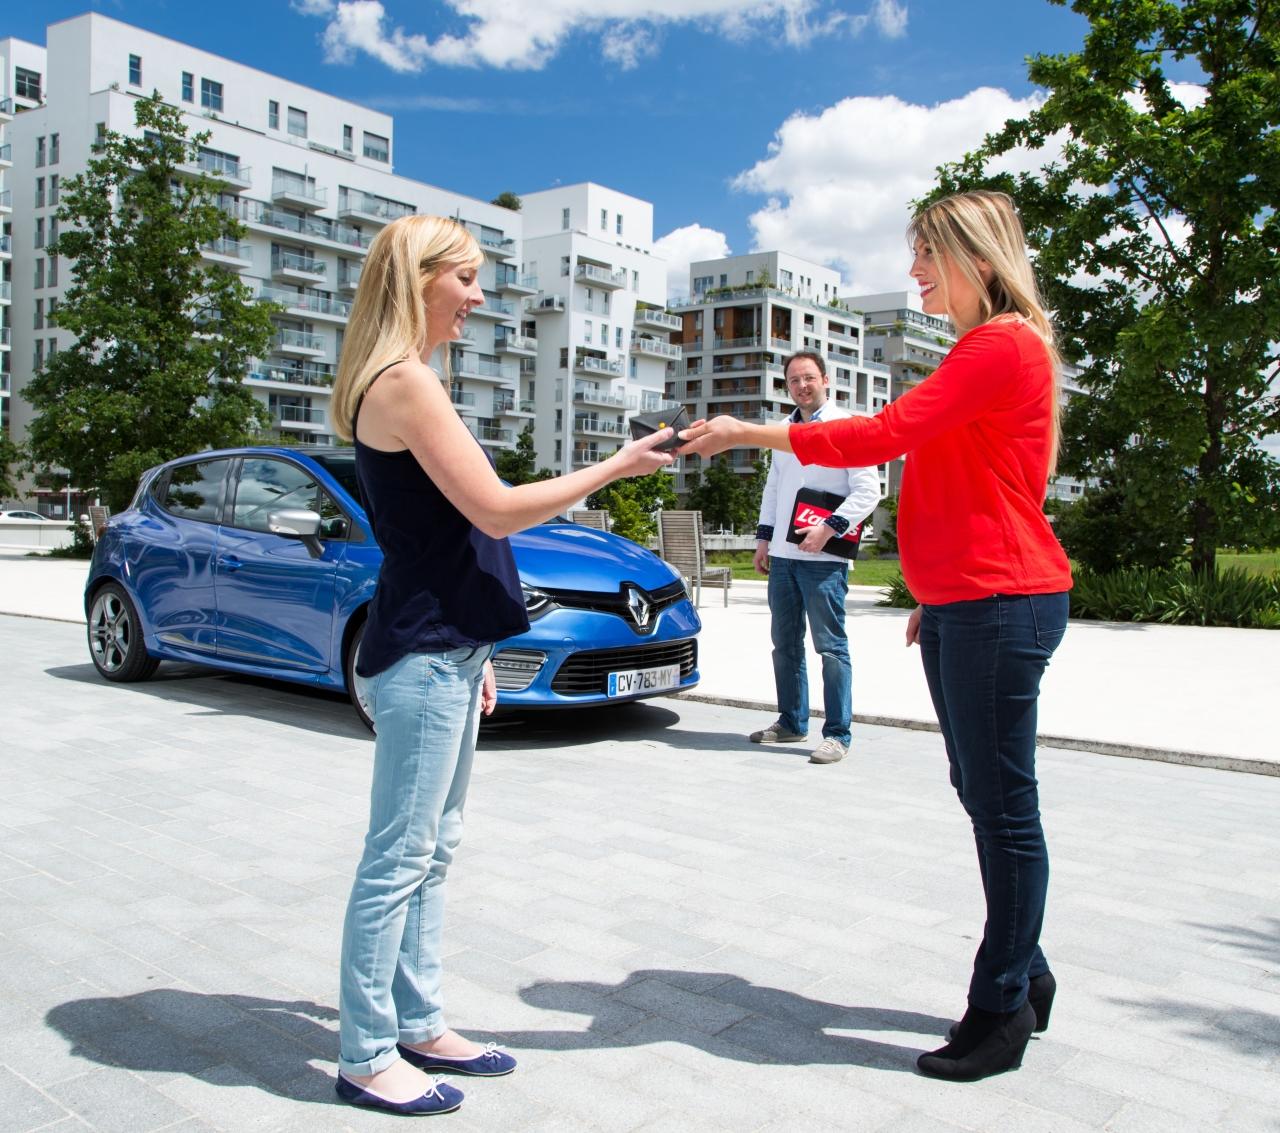 Automobile Occasion Achat Vente Automobiles Doccasion >> Voiture D Occasion Les Cles Pour Reussir Sa Vente L Argus